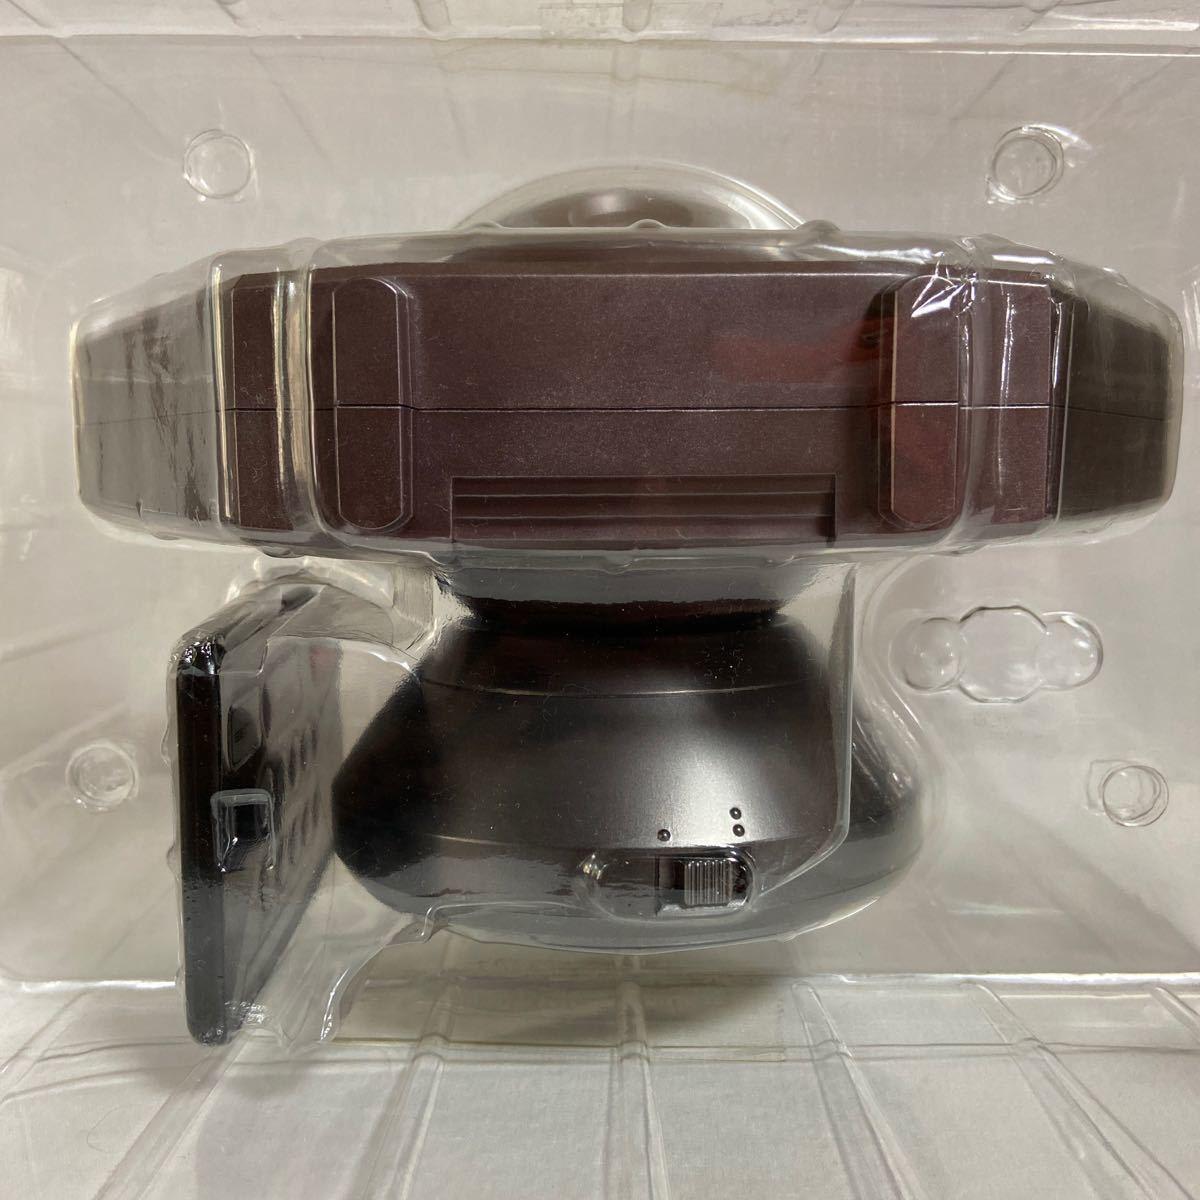 新世紀GPXサイバーフォーミュラ ナビゲーションシステム アスラーダ・ヘッド 限定 メガハウス サンライズ フィギュア CYBER FORMULA SUGO_画像10